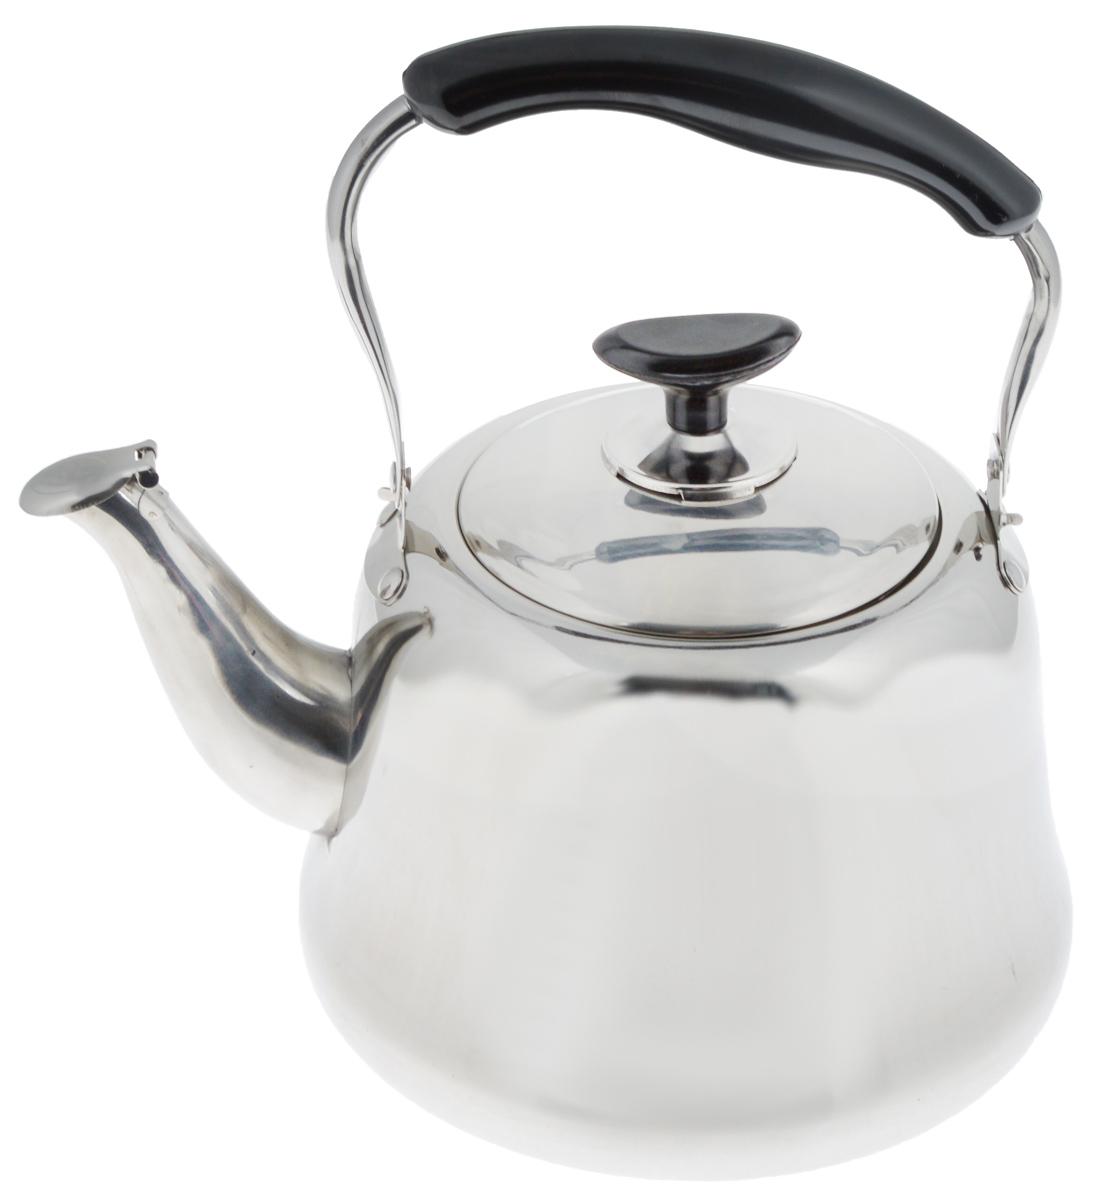 """Чайник """"Mayer & Boch"""" изготовлен из высококачественной  нержавеющей стали. Он оснащен подвижной ручкой из бакелита, что делает  использование чайника очень  удобным и безопасным. Крышка снабжена свистком, позволяя  контролировать процесс подогрева или кипячения воды.  Капсулированное дно с прослойкой из алюминия обеспечивает  наилучшее распределение тепла.  Эстетичный и функциональный, с эксклюзивным дизайном, чайник  будет оригинально смотреться в любом интерьере.   Подходит для стеклокерамических, газовых и электрических плит. Высота чайника (без учета ручки и крышки): 13,5 см. Высота чайника (с учетом ручки и крышки): 26 см. Диаметр чайника (по верхнему краю): 11 см."""